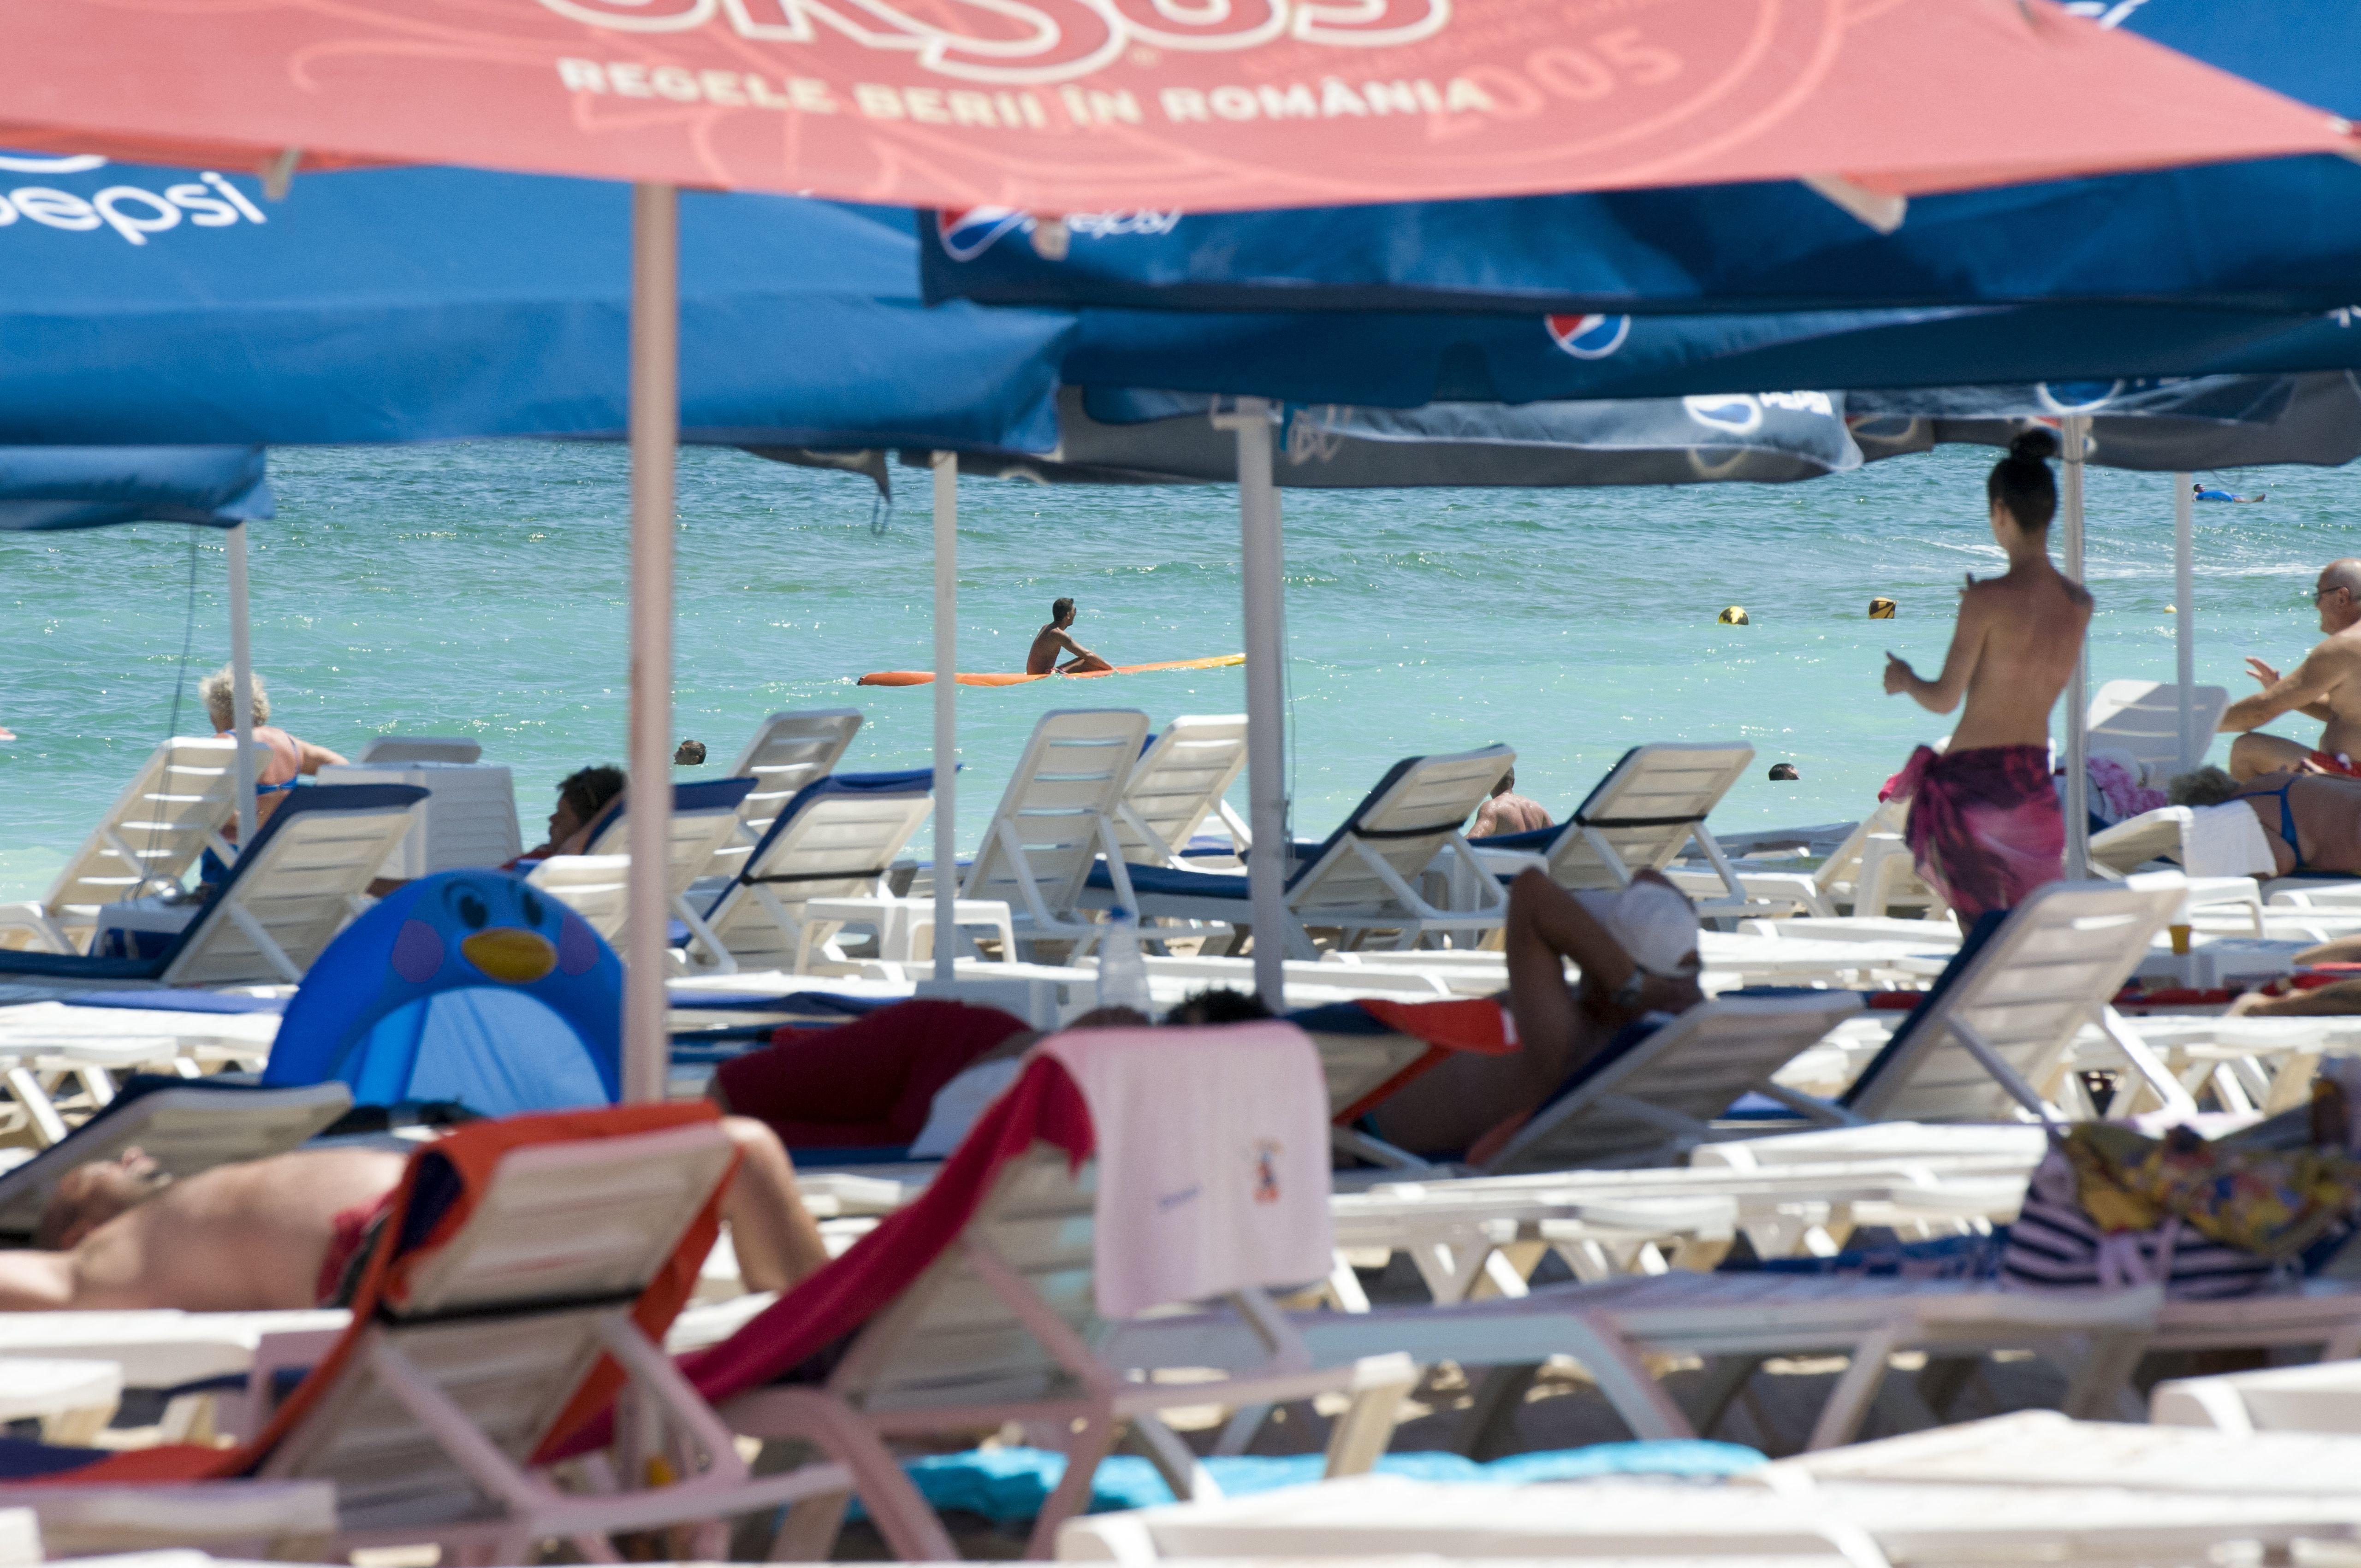 Teodosie érsek tanácsa a tengerparton nyaralóknak: csak oda szabad nézni, ahova illik